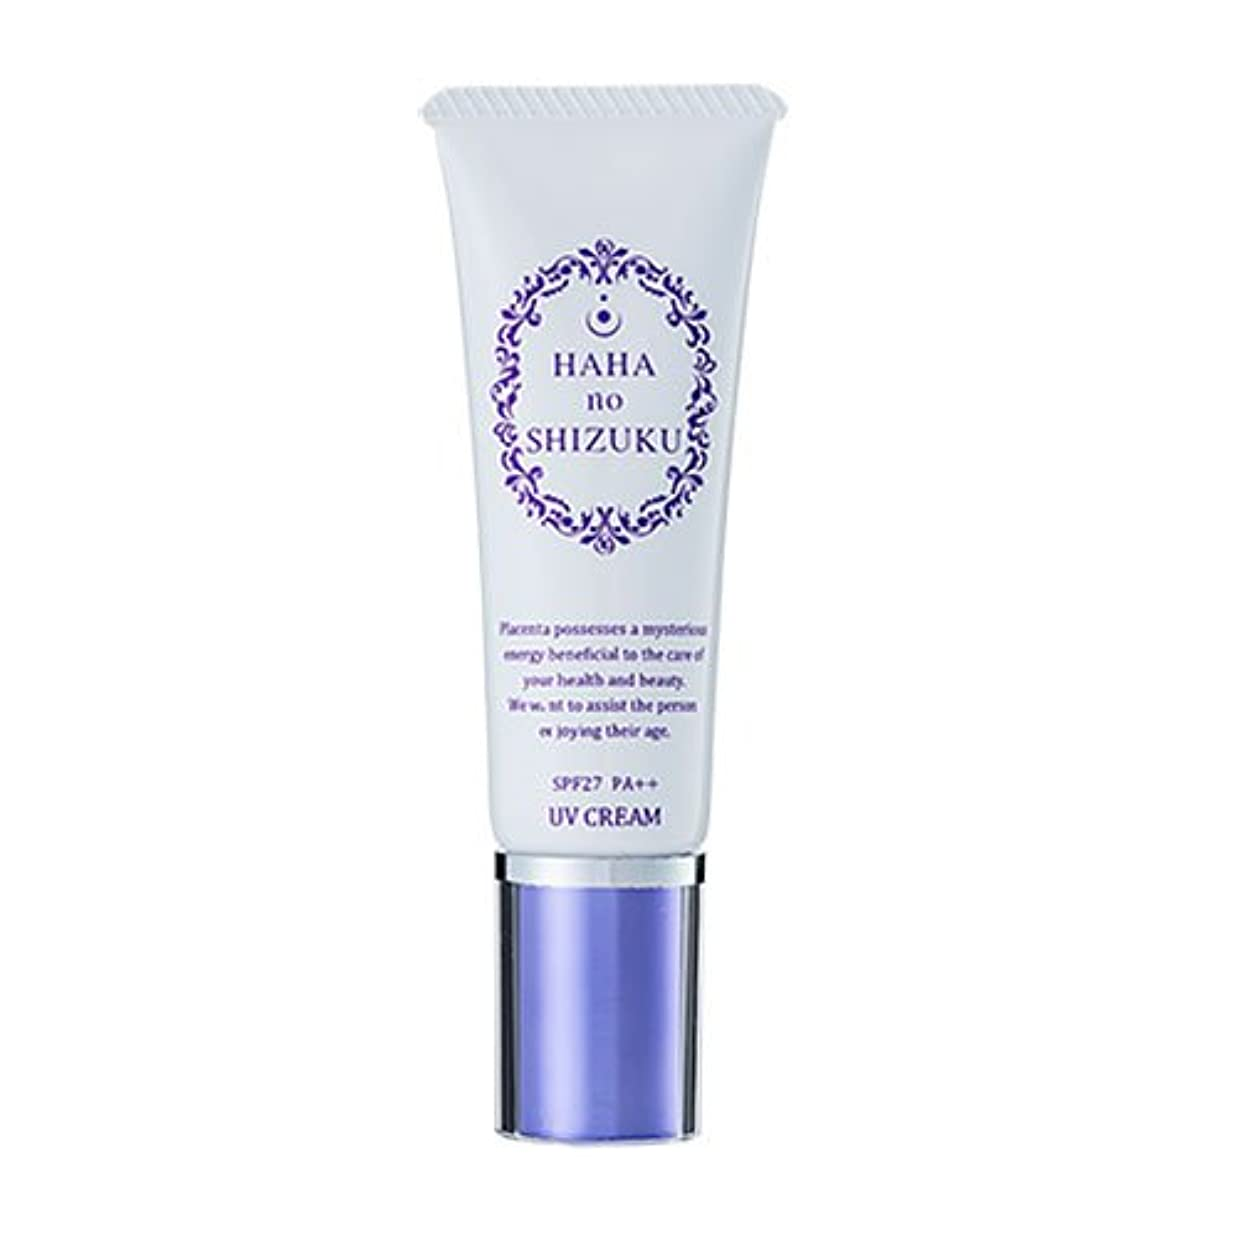 に応じて屋内で乞食母の滴 プラセンタクUVクリーム 美白効果 UVカット 敏感肌にも安心 (30g) ラセンタエキス サイタイエキス アミノ酸